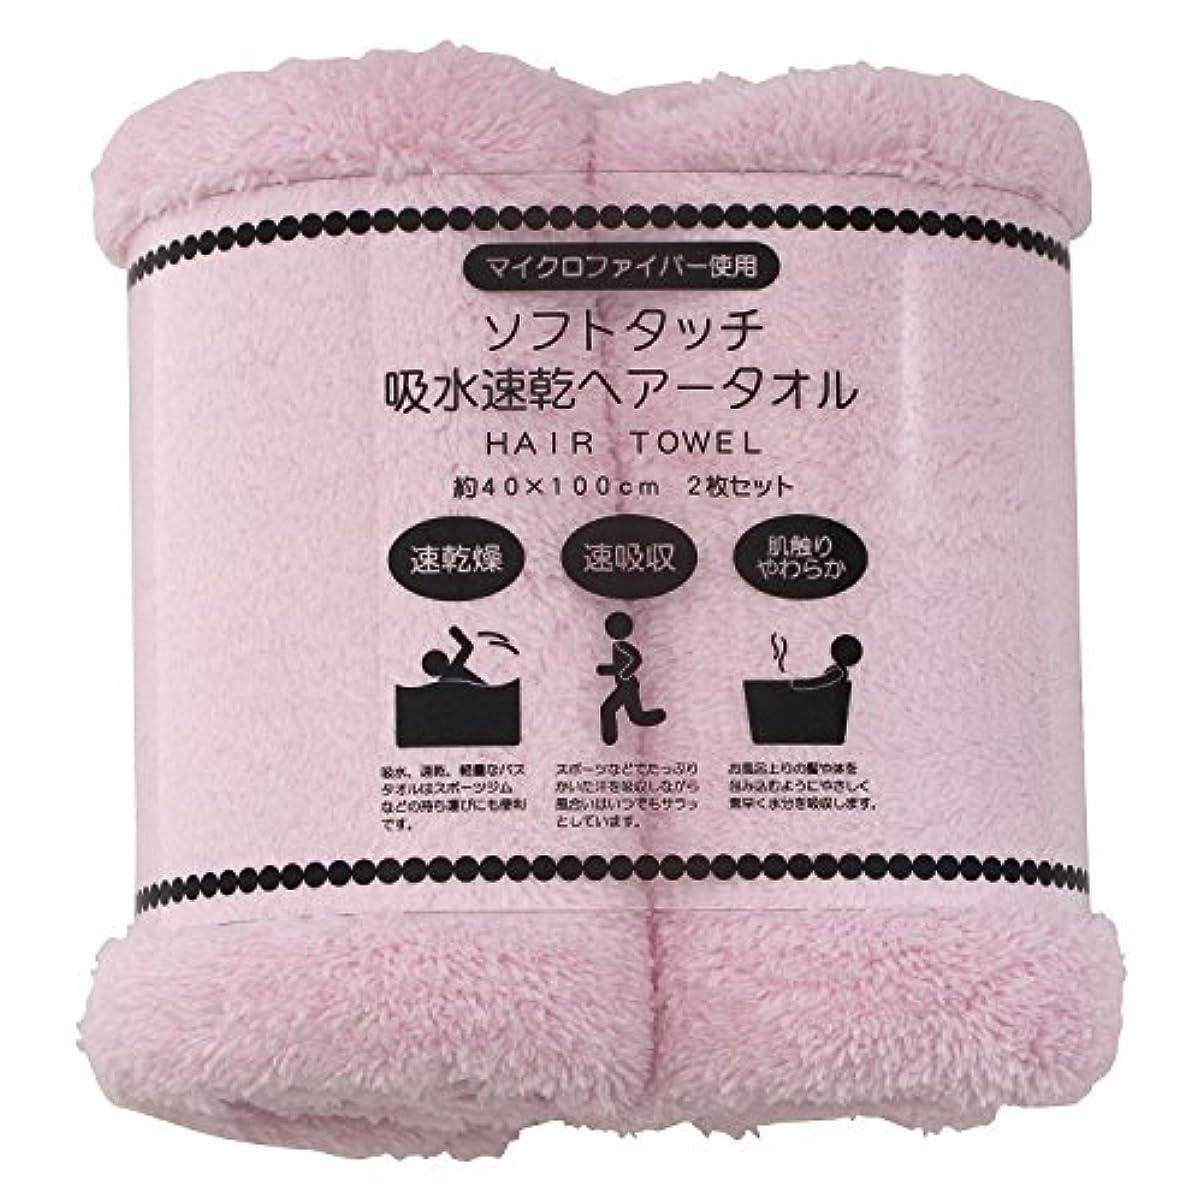 窓を洗う権限を与えるプランテーションソフトタッチ吸水速乾ヘアータオル 40×100cm 2枚セット ピンク